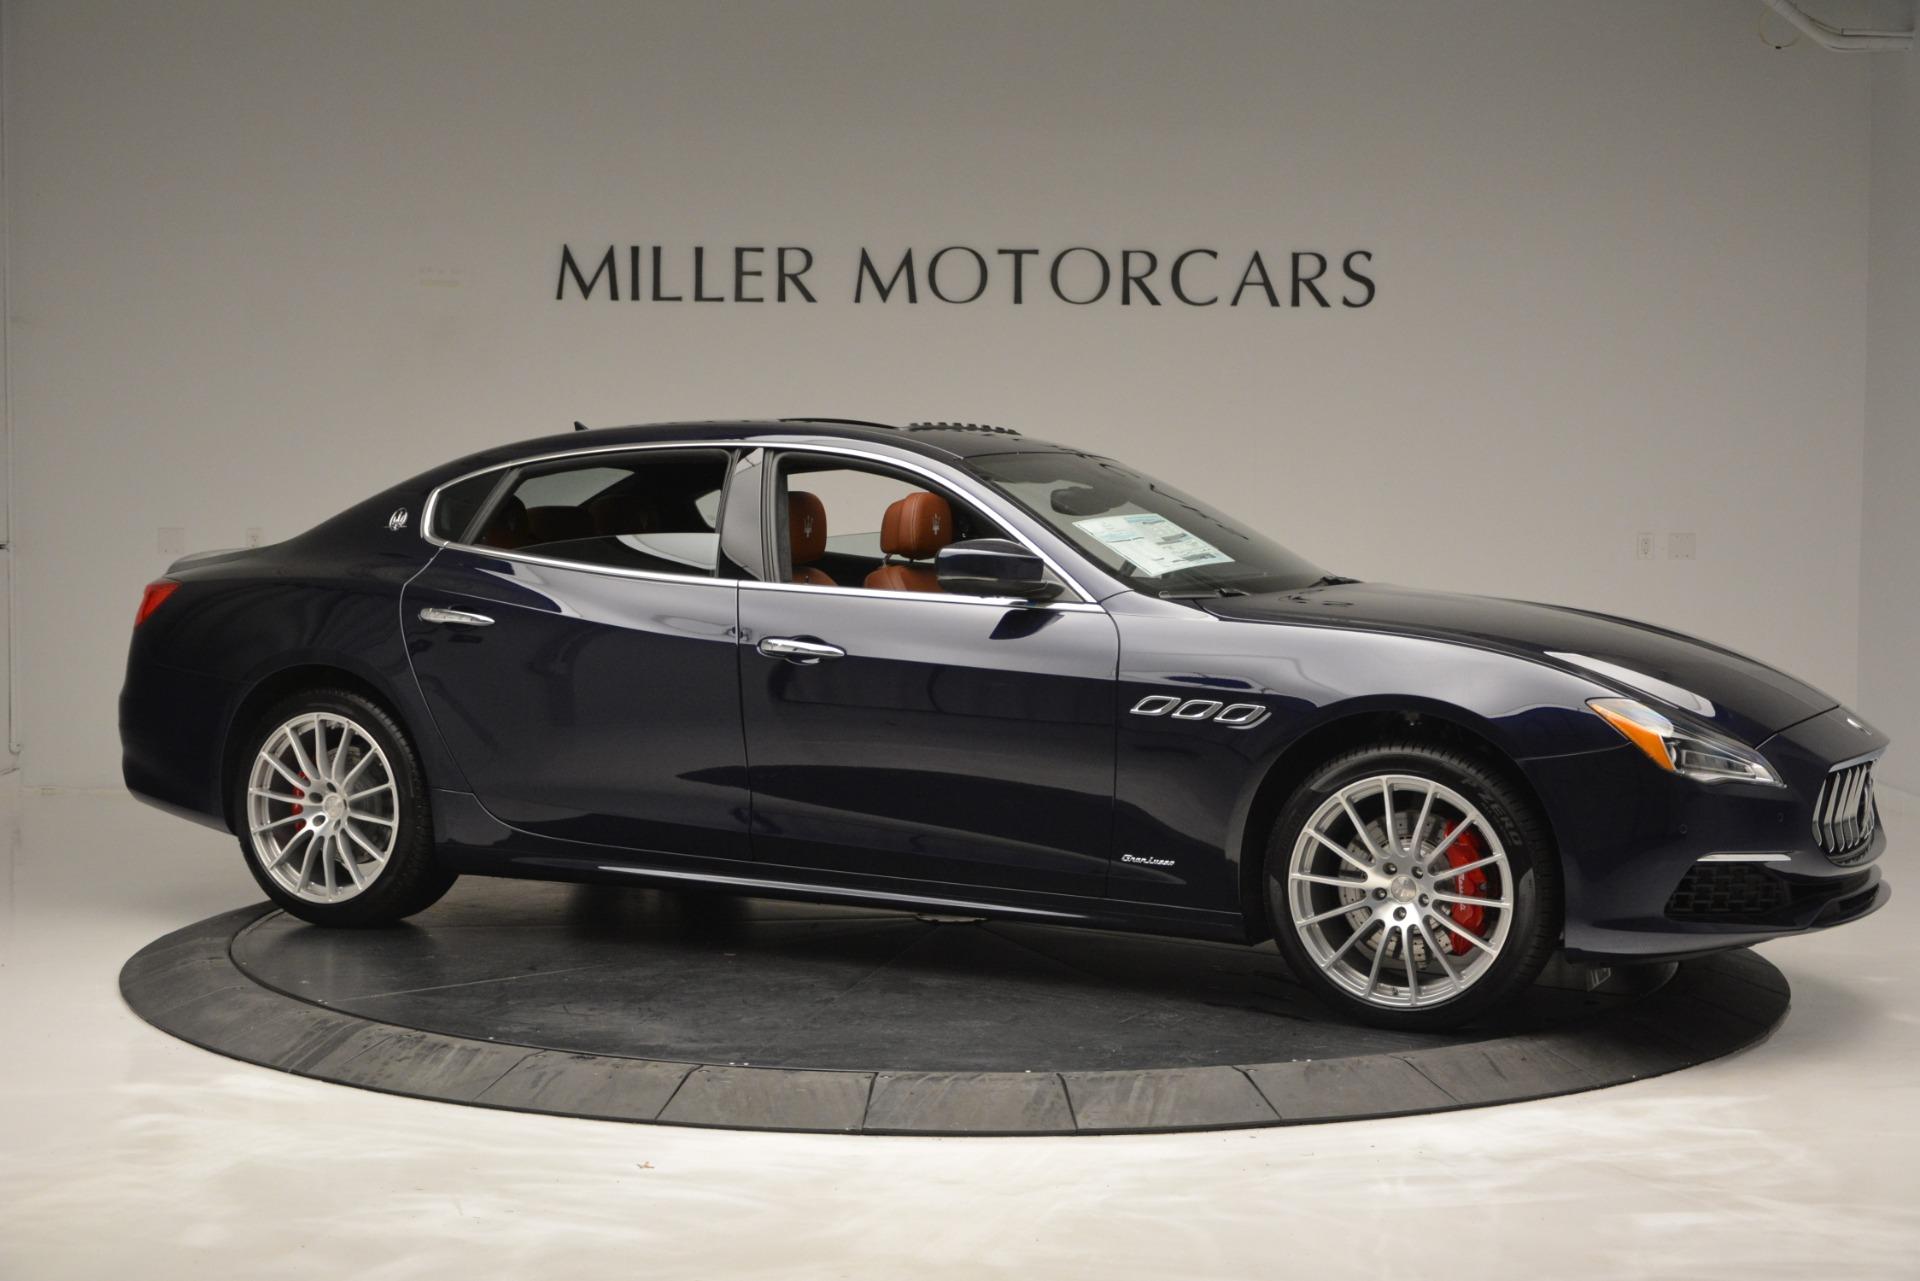 New 2019 Maserati Quattroporte S Q4 GranLusso For Sale In Greenwich, CT. Alfa Romeo of Greenwich, M2198 2620_p10